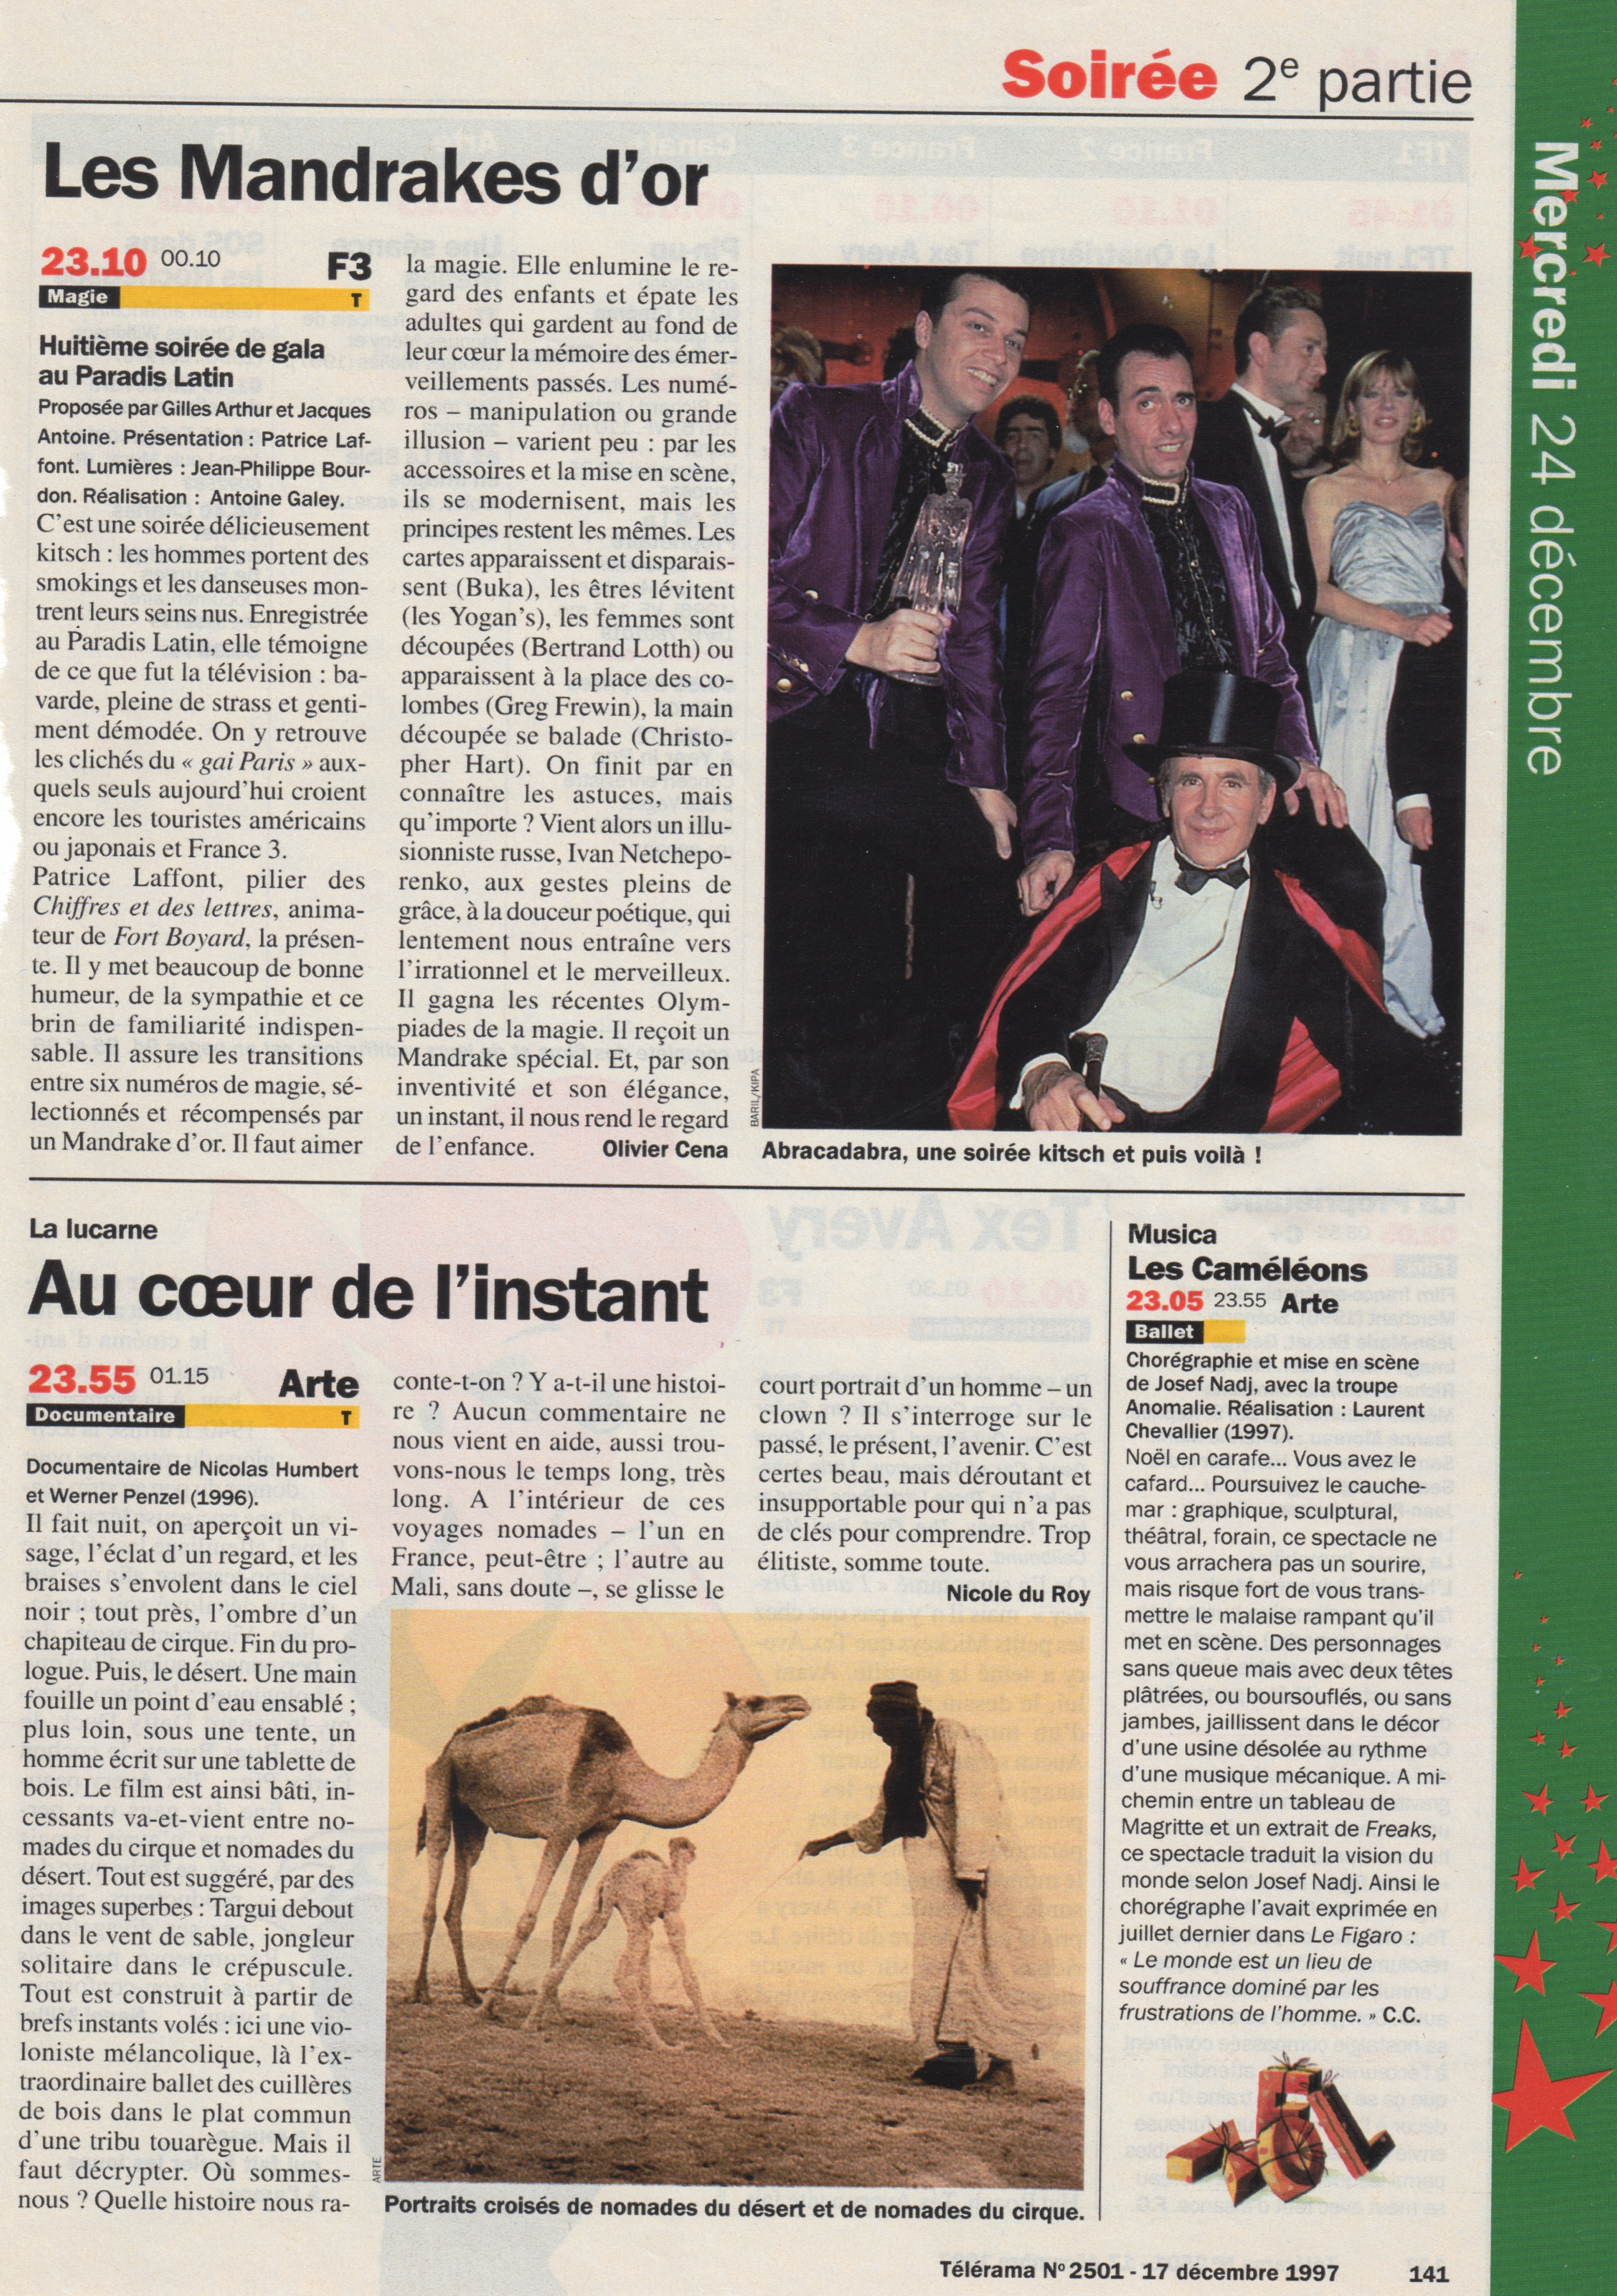 Télérama Decembre 1997